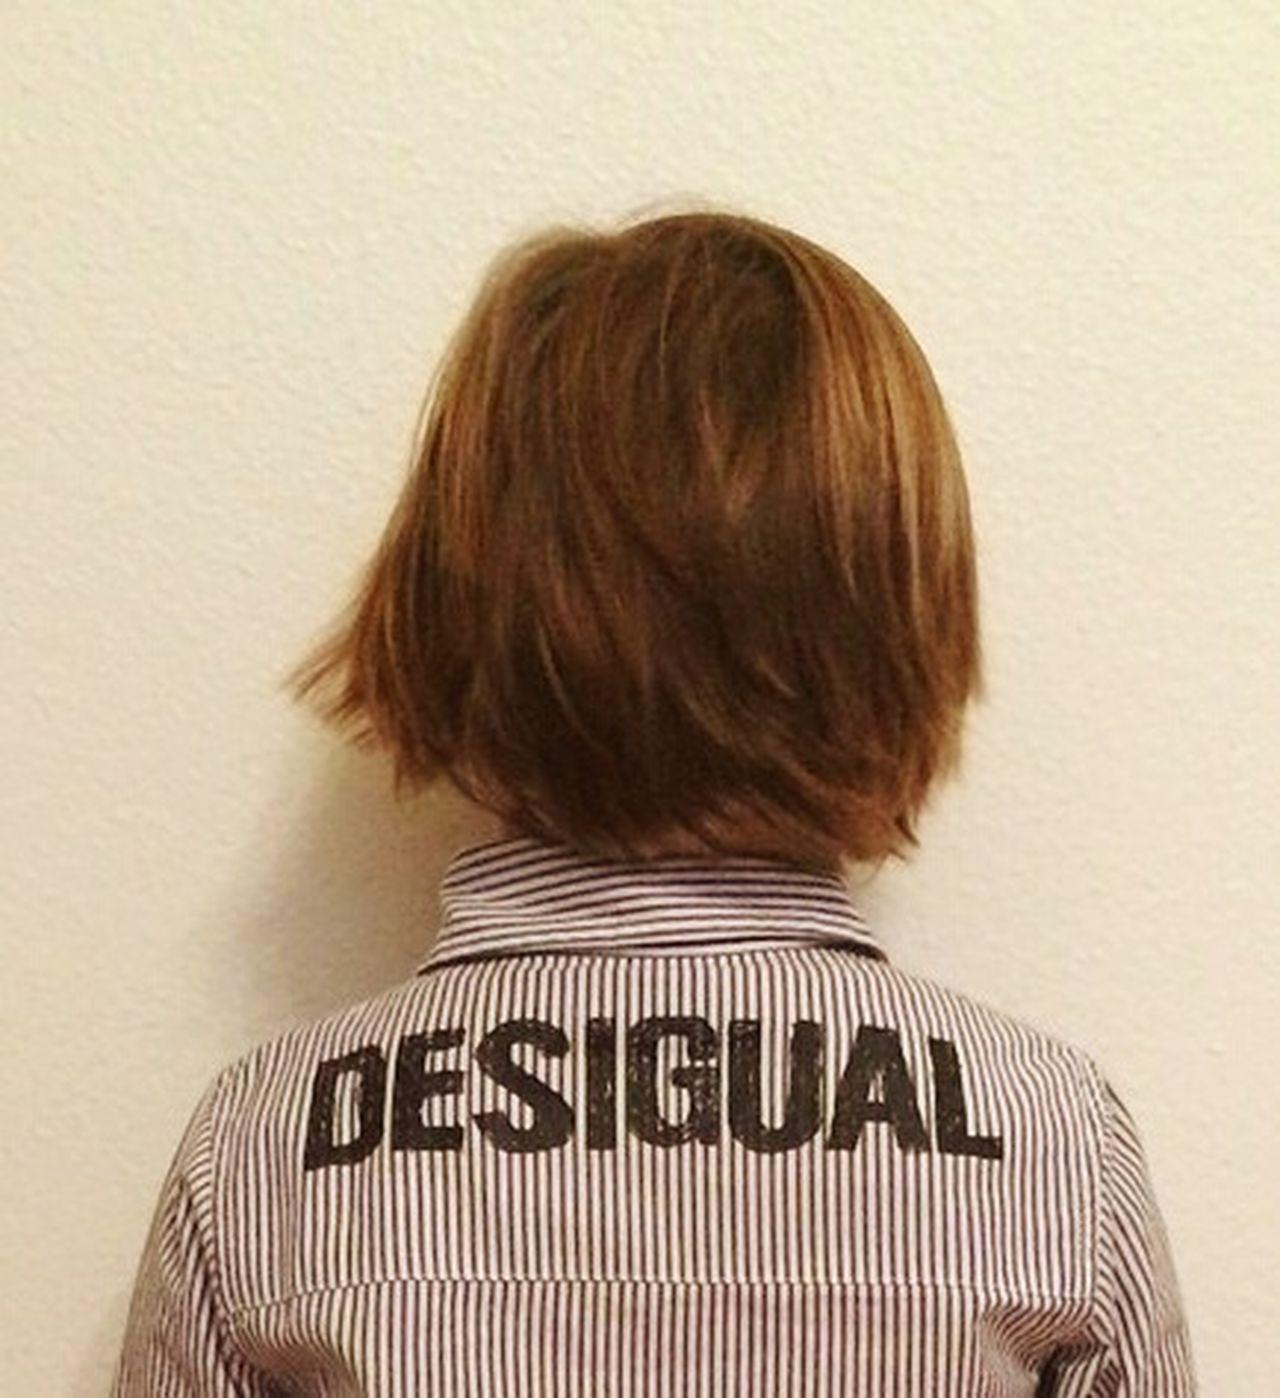 Desigual Fashion Boy Desigual Hair Clothing BackOfTheHead Back